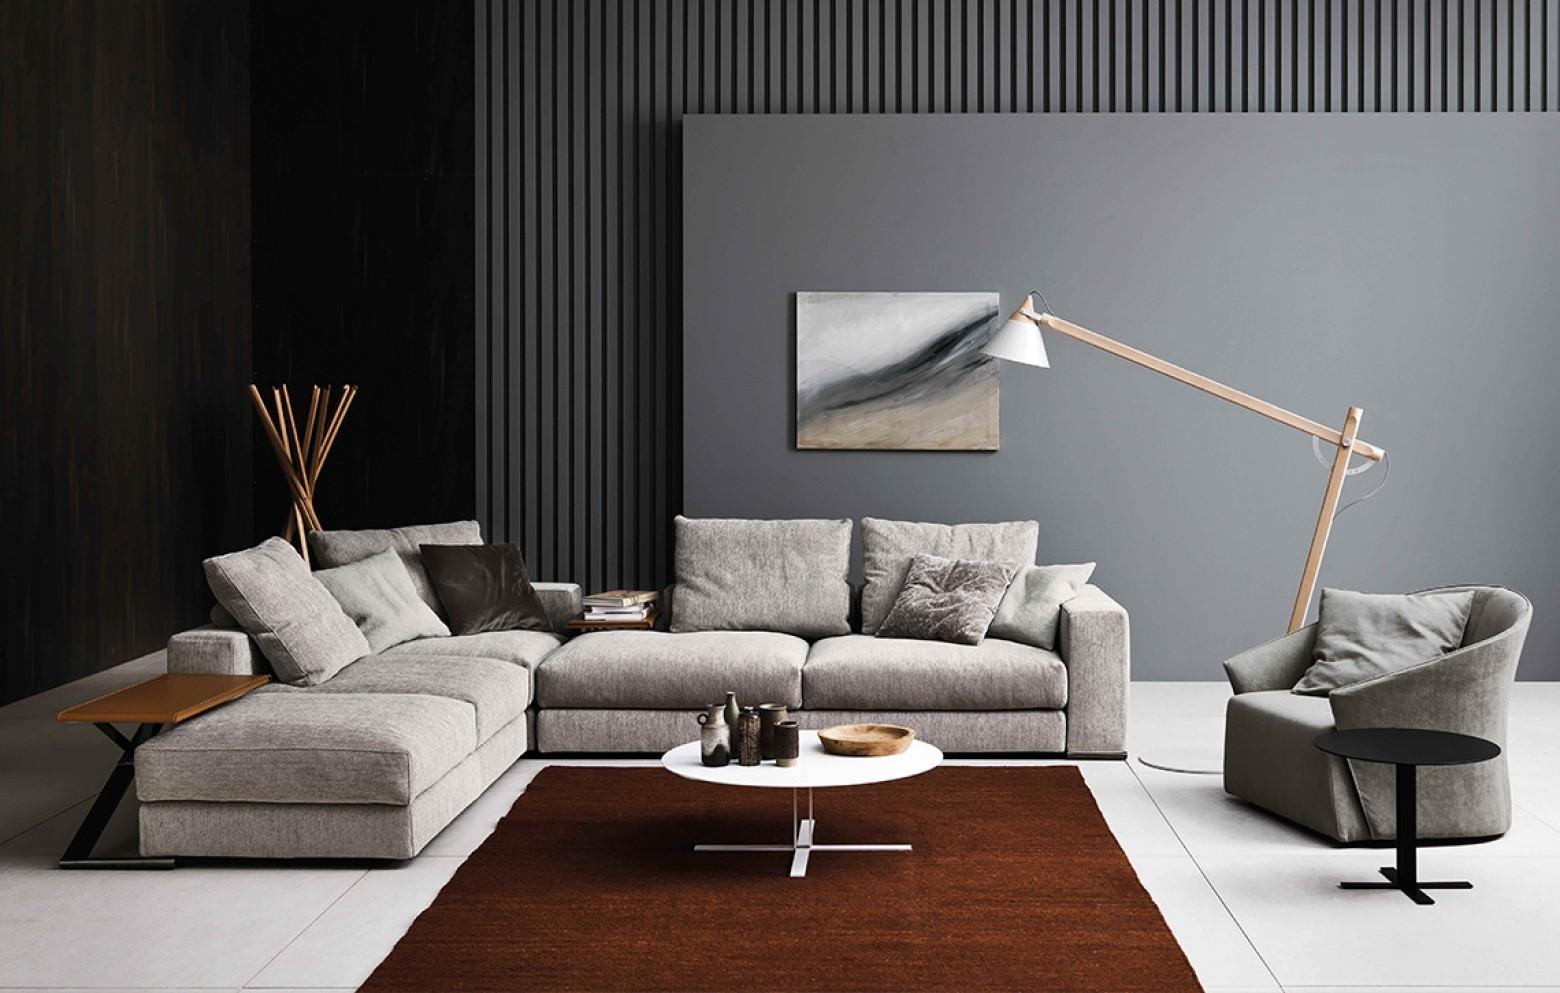 italienische luxus möbel | online kaufen, Innenarchitektur ideen